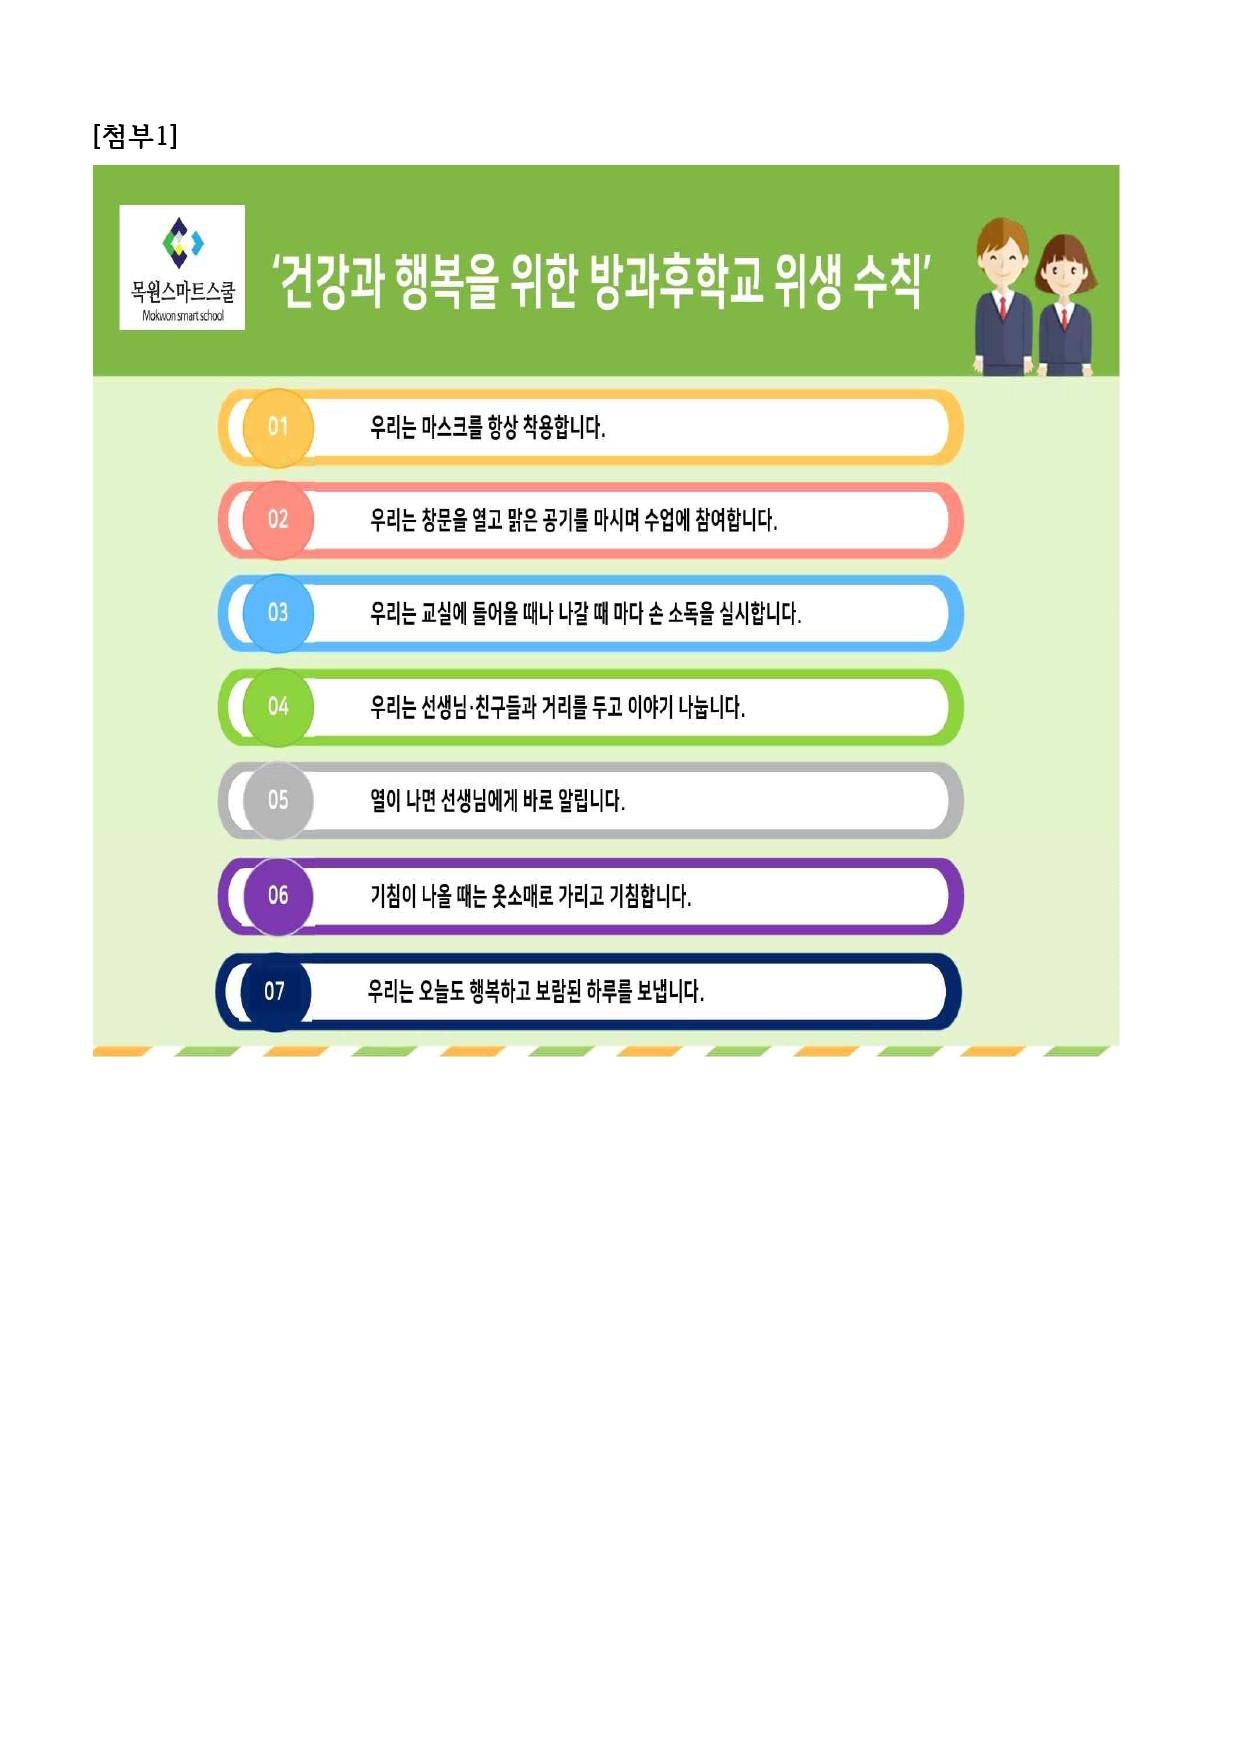 방과후학교 코로나19 대응 방안(2020. 05. 11. 목원스마트스쿨)-3.jpg